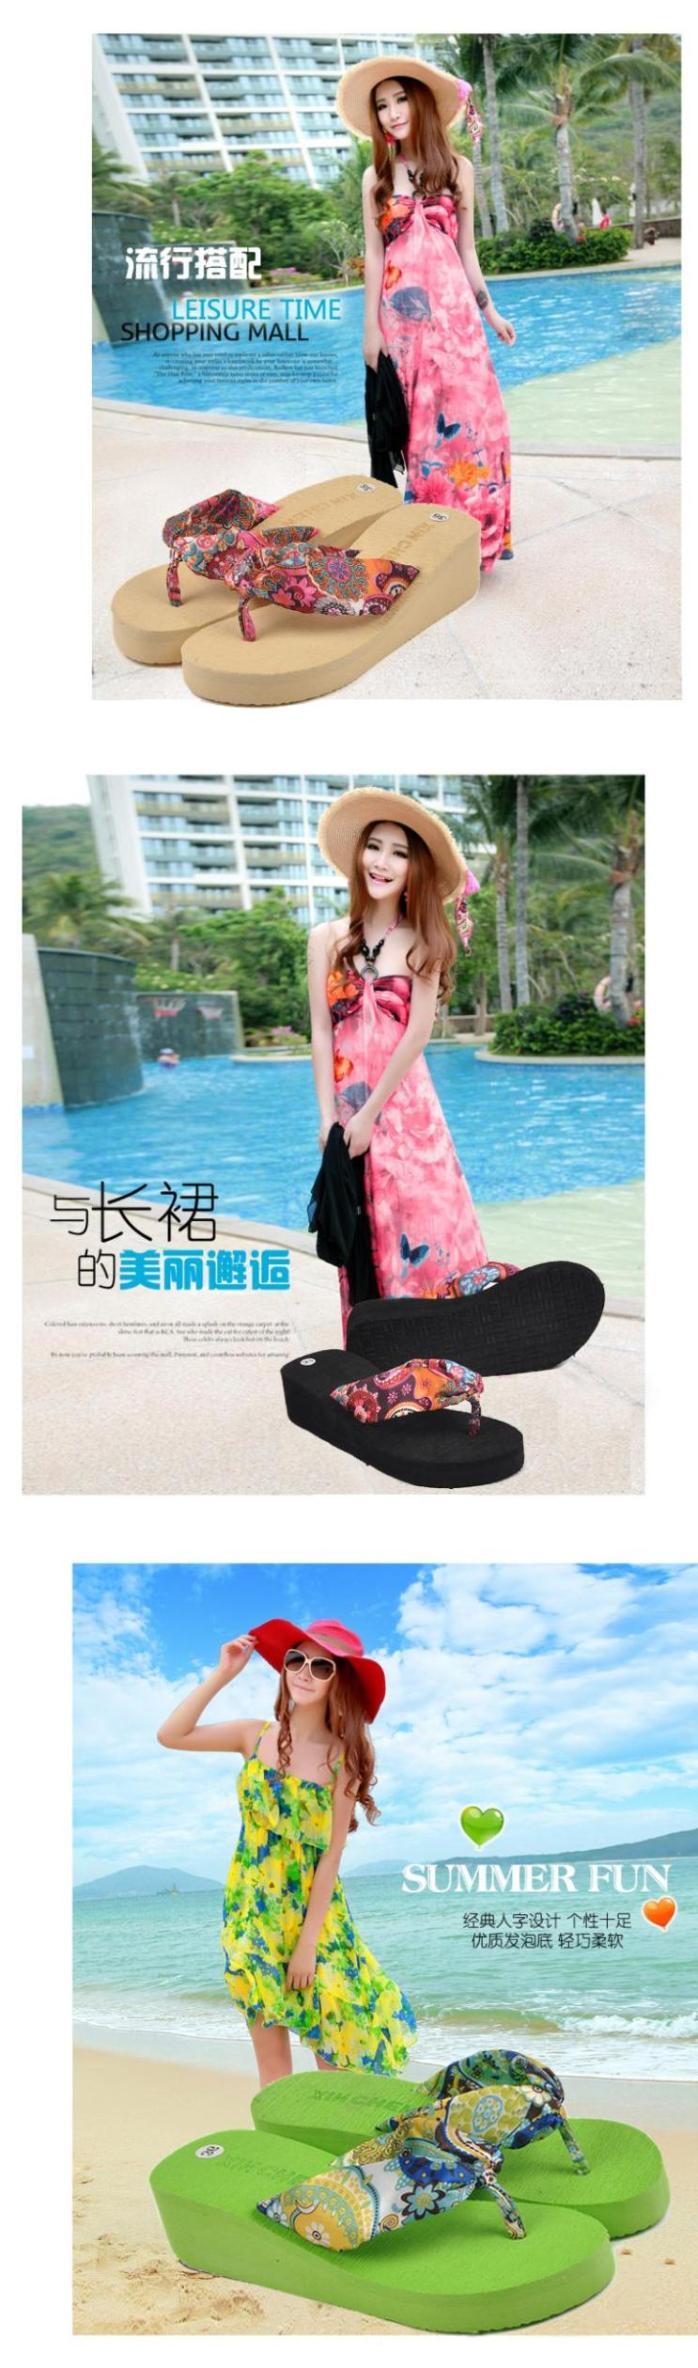 2014 Summer bohemia flower flip flops platform wedges women sandals platform flip slippers beach shoes | #BEACH #HIGHHEELSLIPPERS